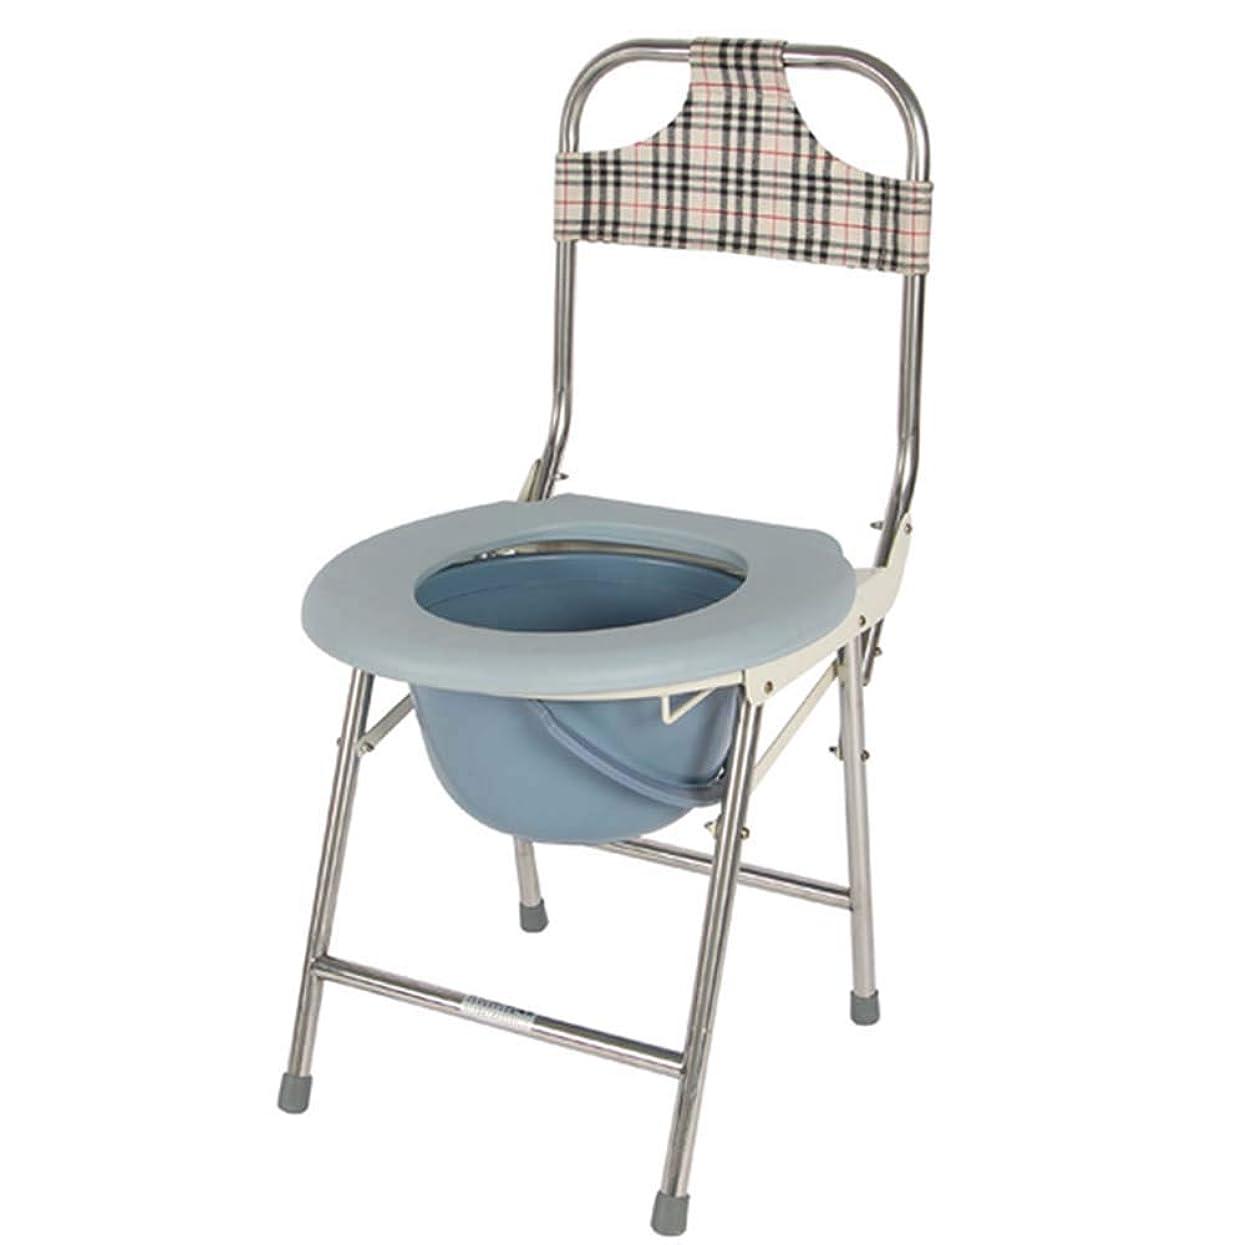 タンザニア欠如思い出す家庭用トイレチェア、ポータブル折りたたみトイレチェア、取り外し可能なトイレスツール、洗える、滑り止め付き背もたれ、高齢者/妊娠中の女性/身体の不自由な人に適しています、サイズ36 * 42 * 77cm